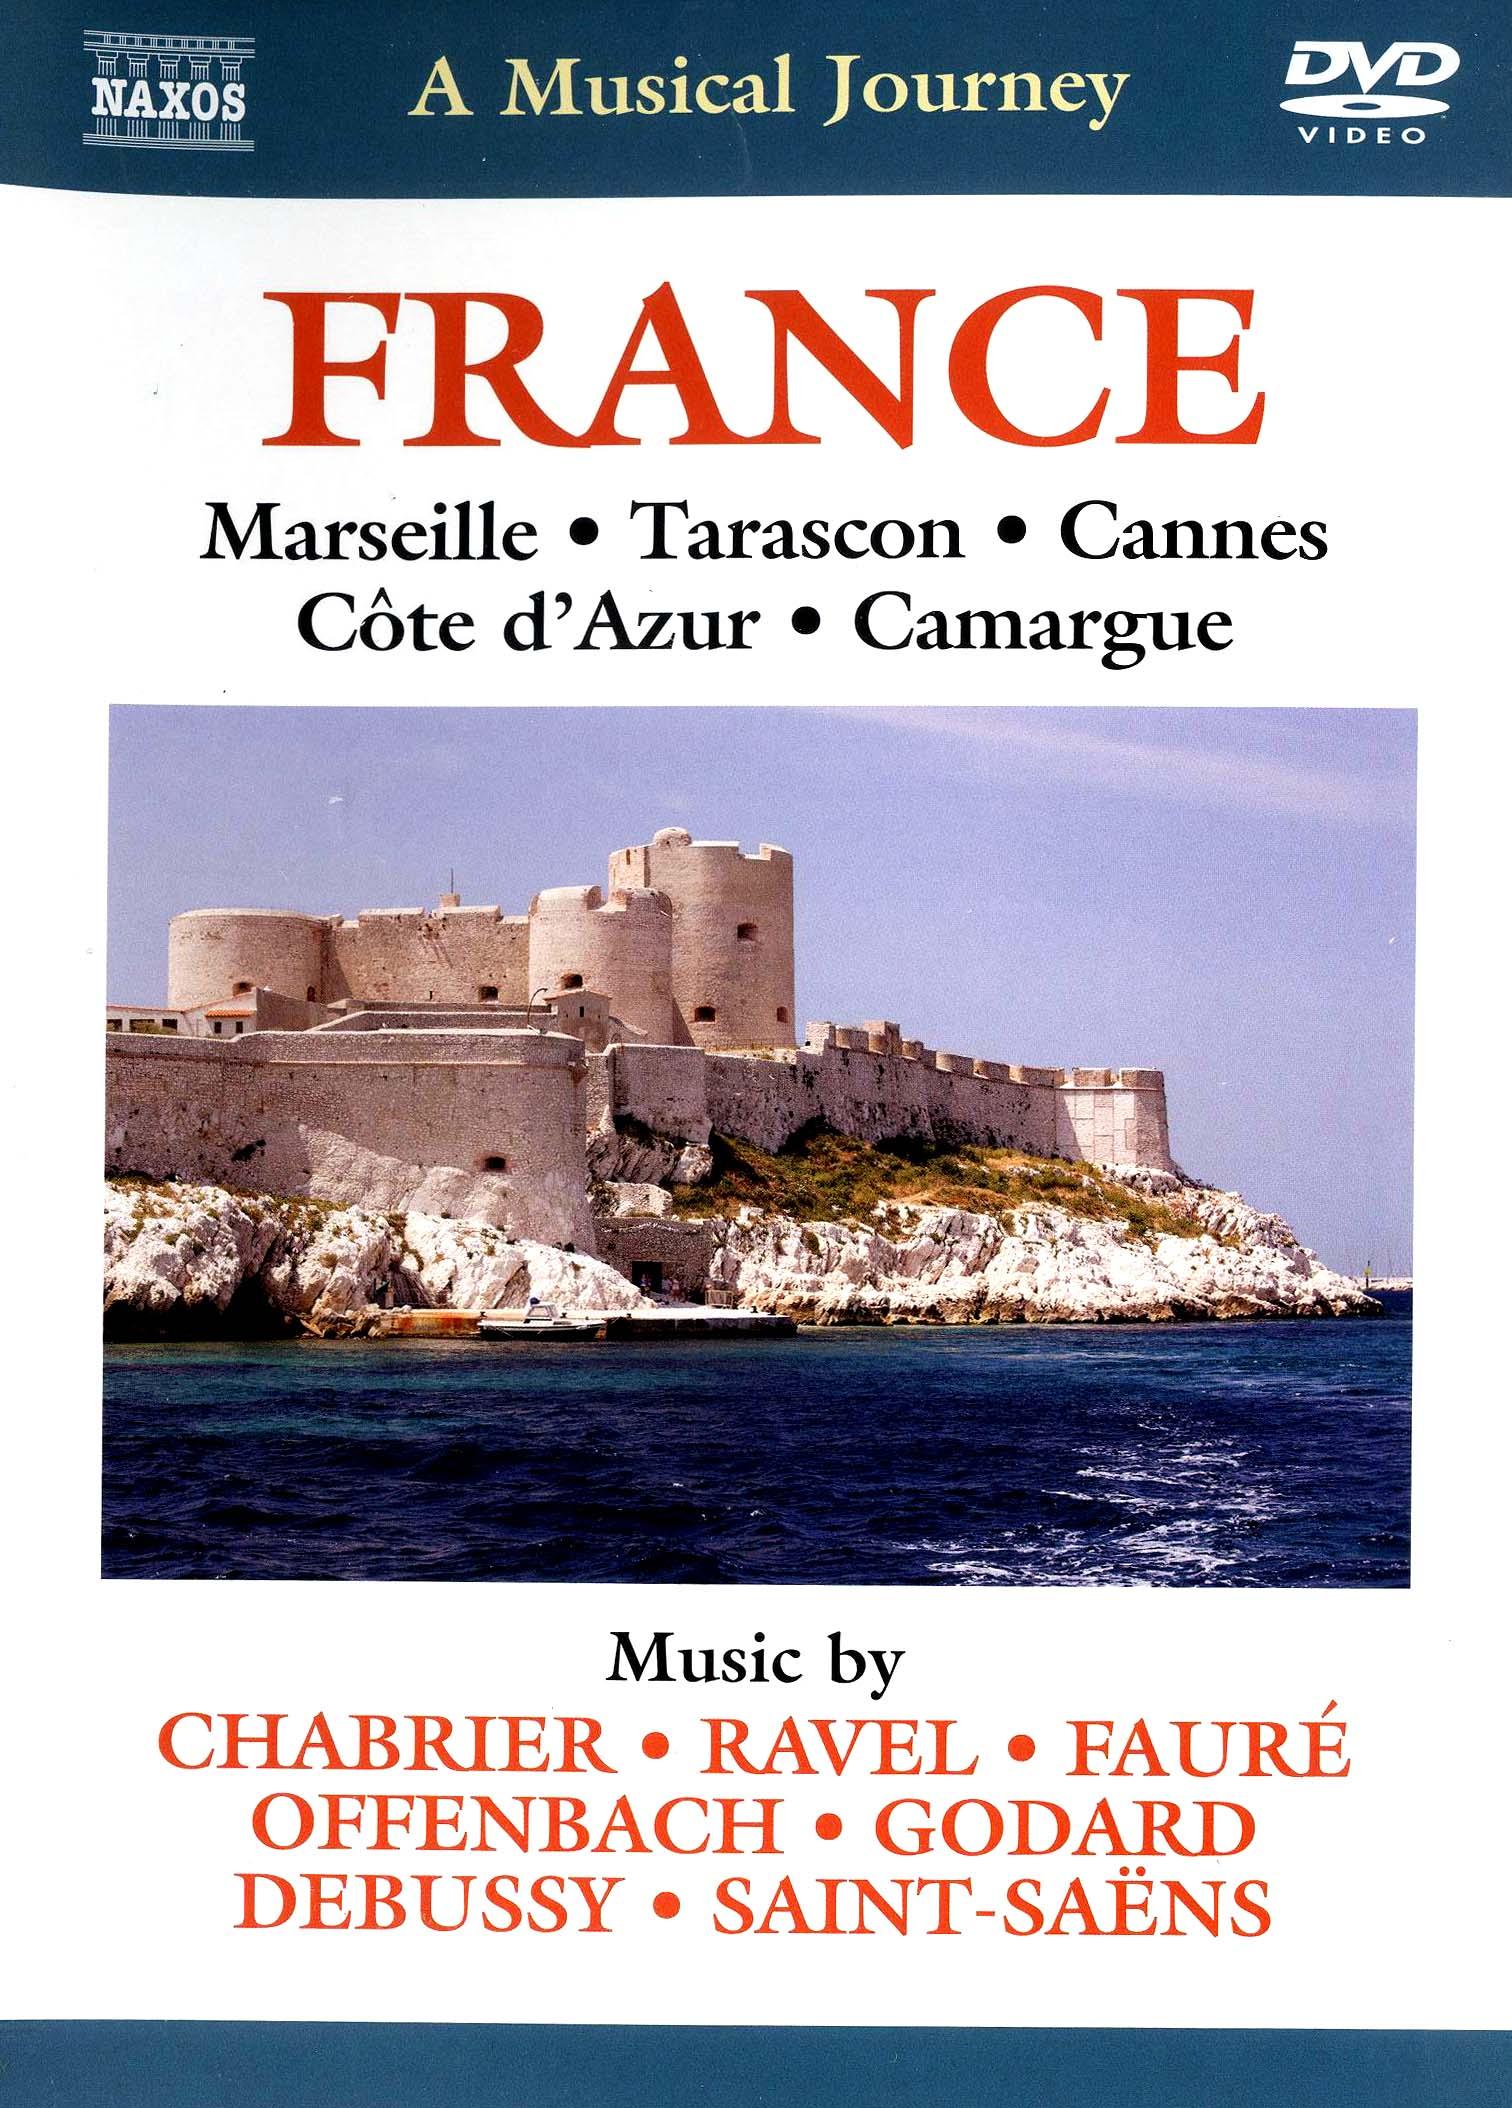 A Musical Journey: France - Marseille/Tarascon/Cannes/Côte d'Azur/Camargue